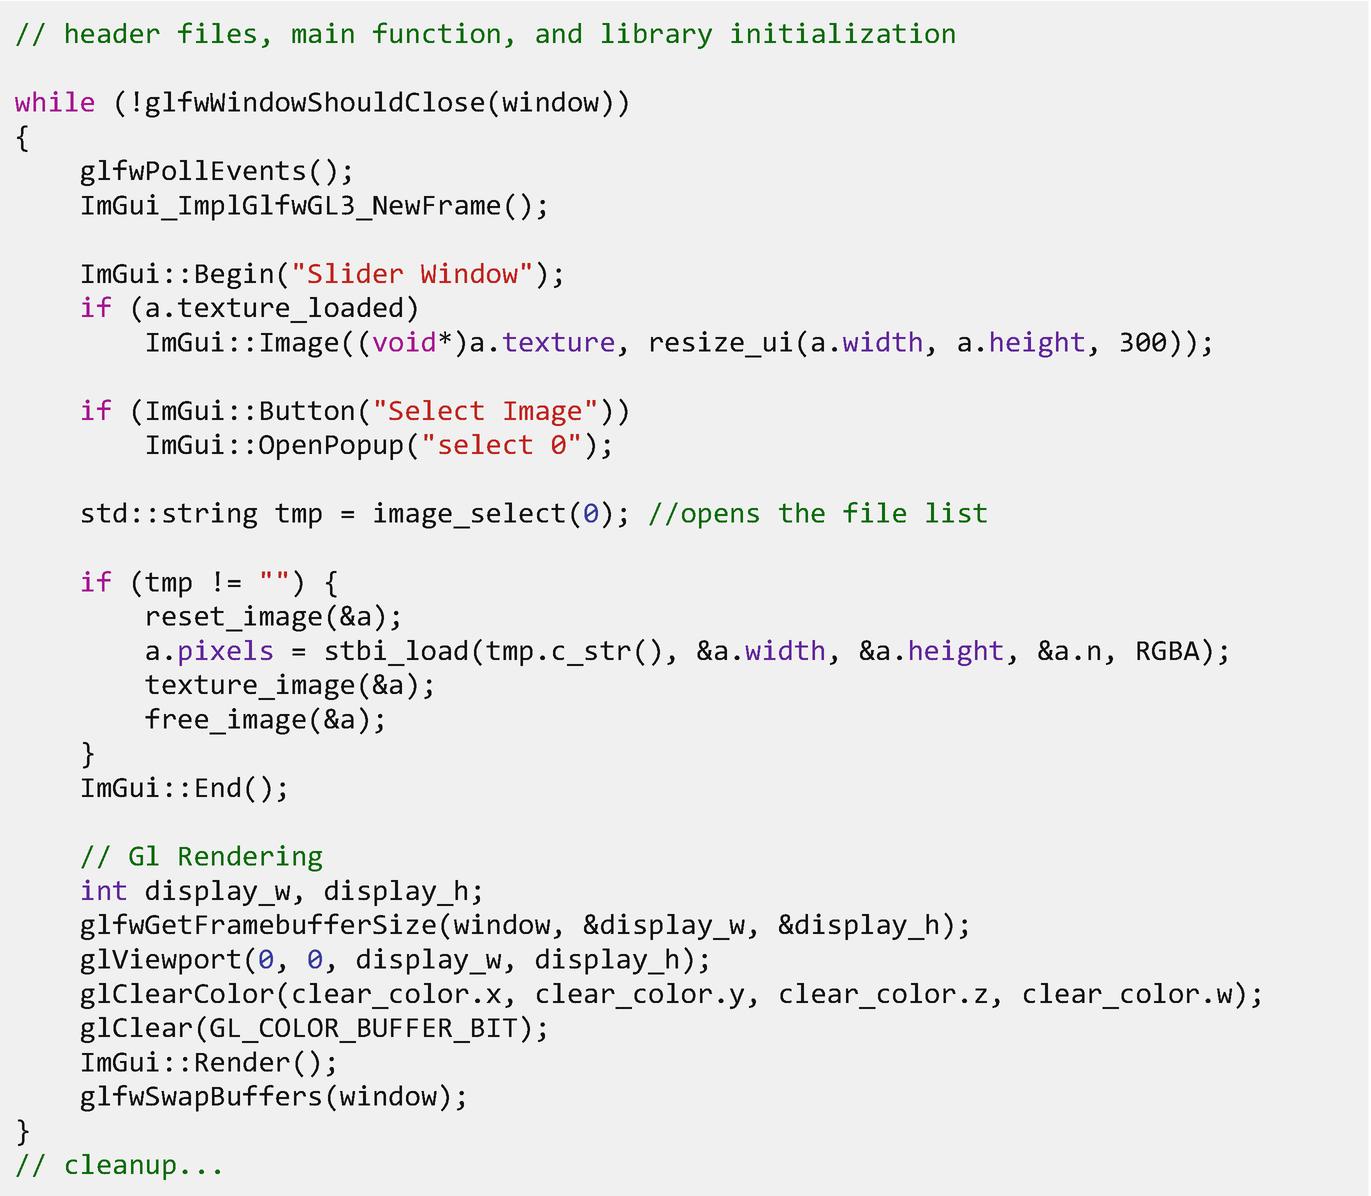 image loading and rendering springerlink